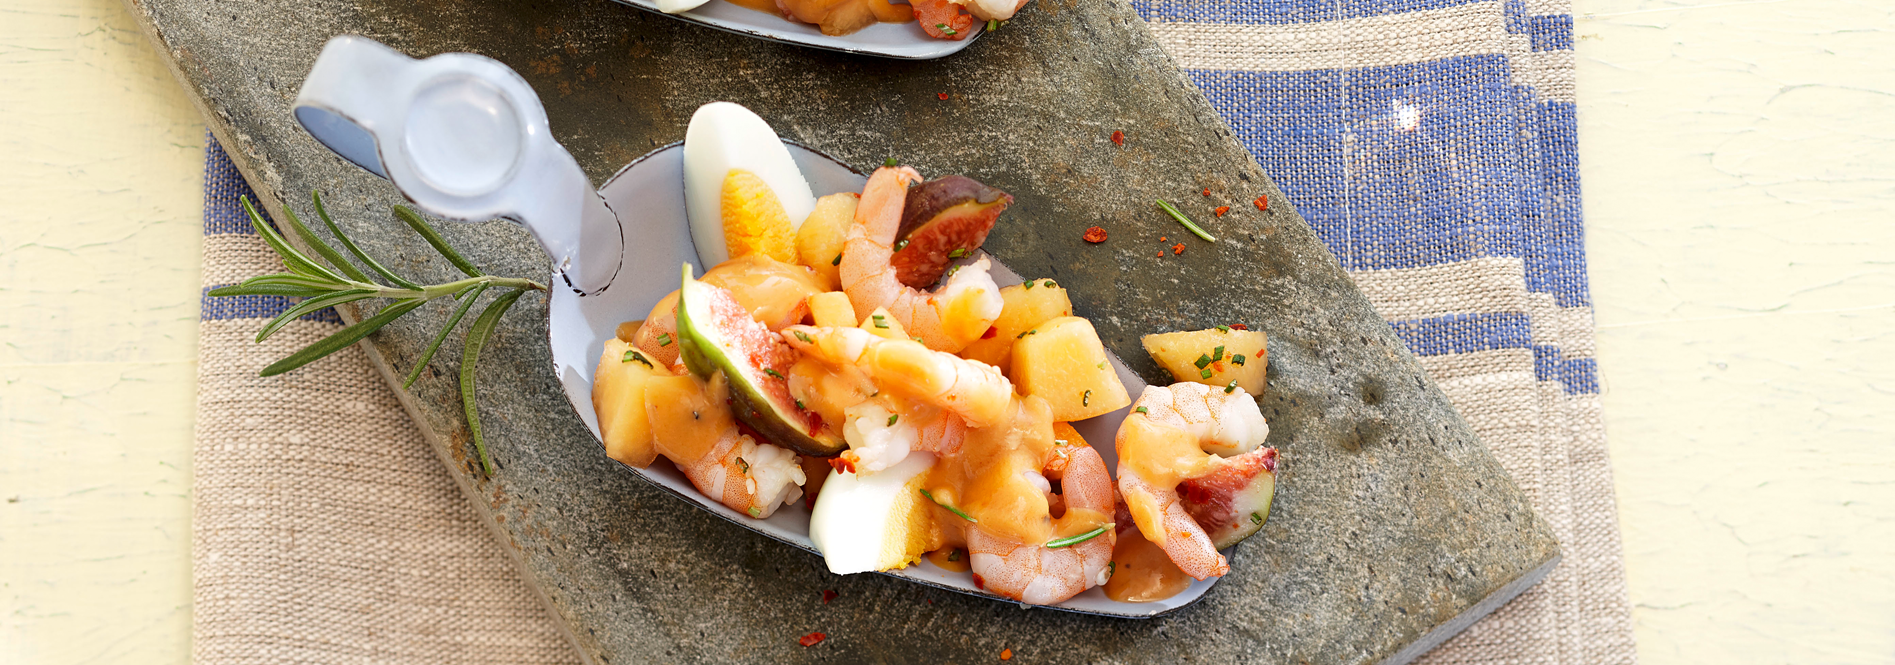 Rezeptfoto Fruchtiger Garnelen Cocktail von COSTA Meeresspezialitäten